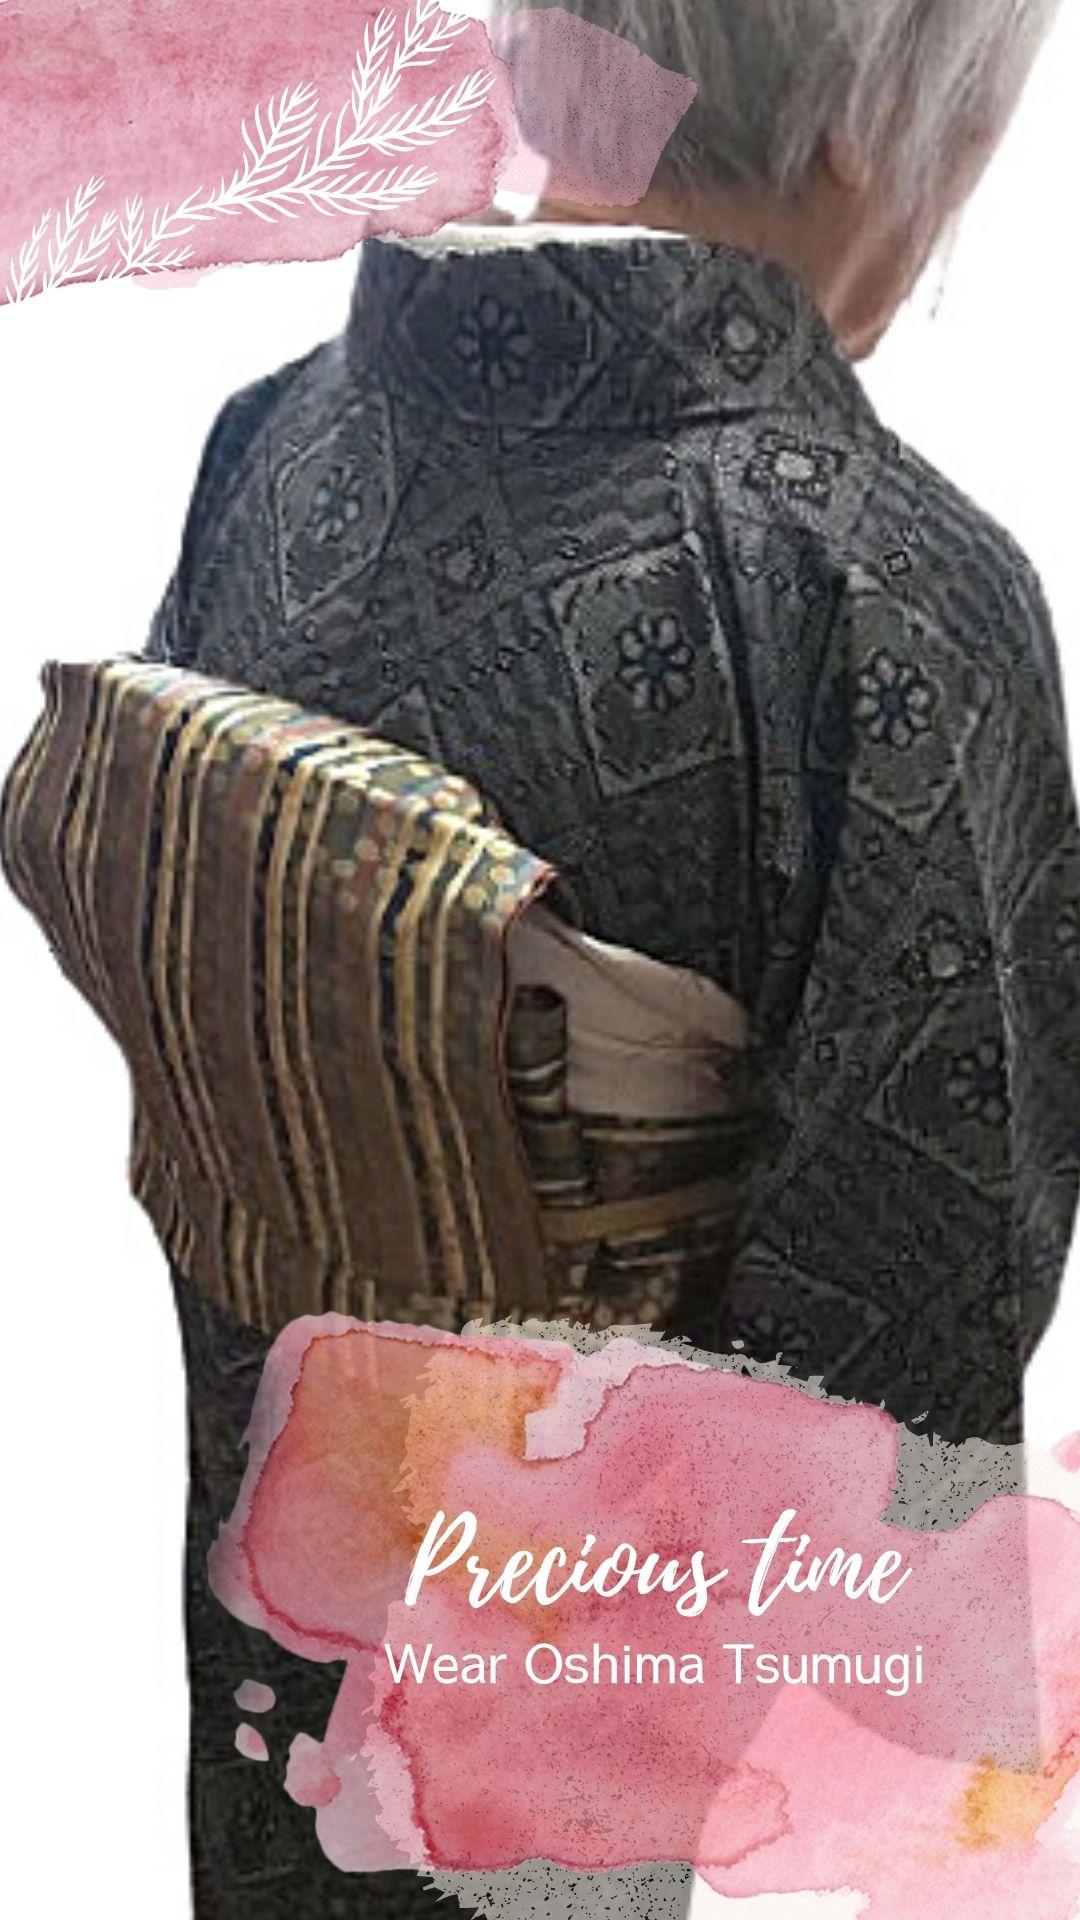 Wear Oshima Tsumugi